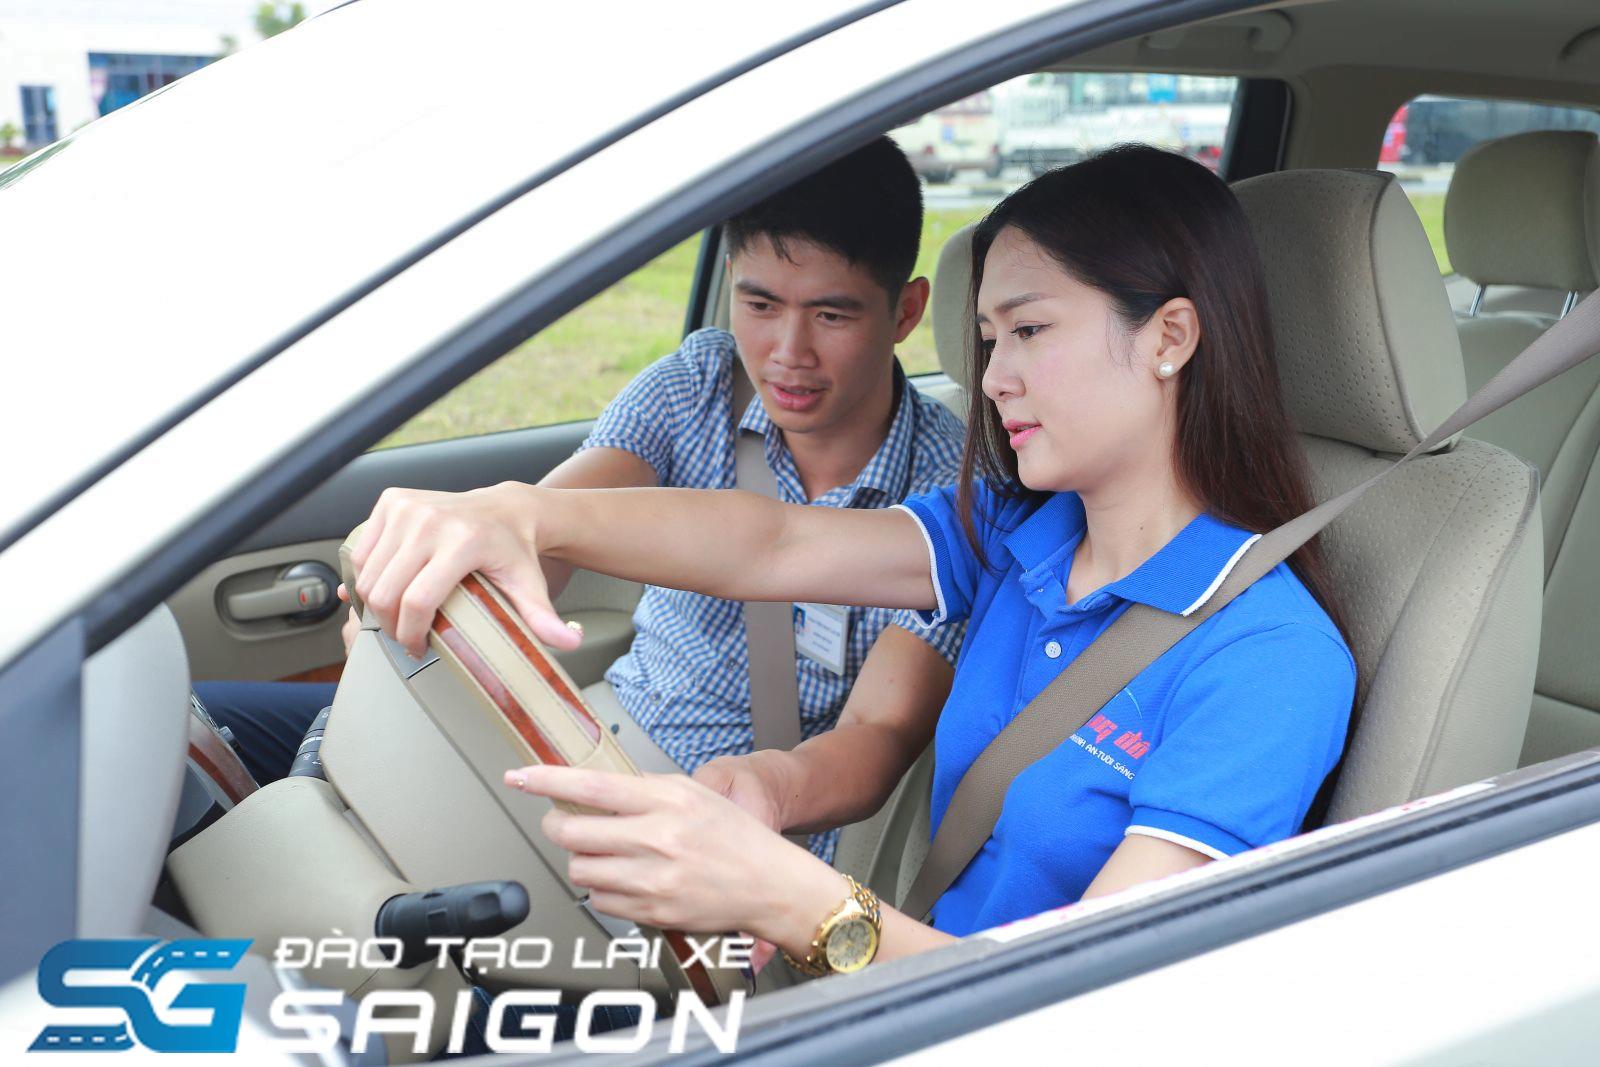 Đăng ký học lái xe B2 nên xem xét về chi phí